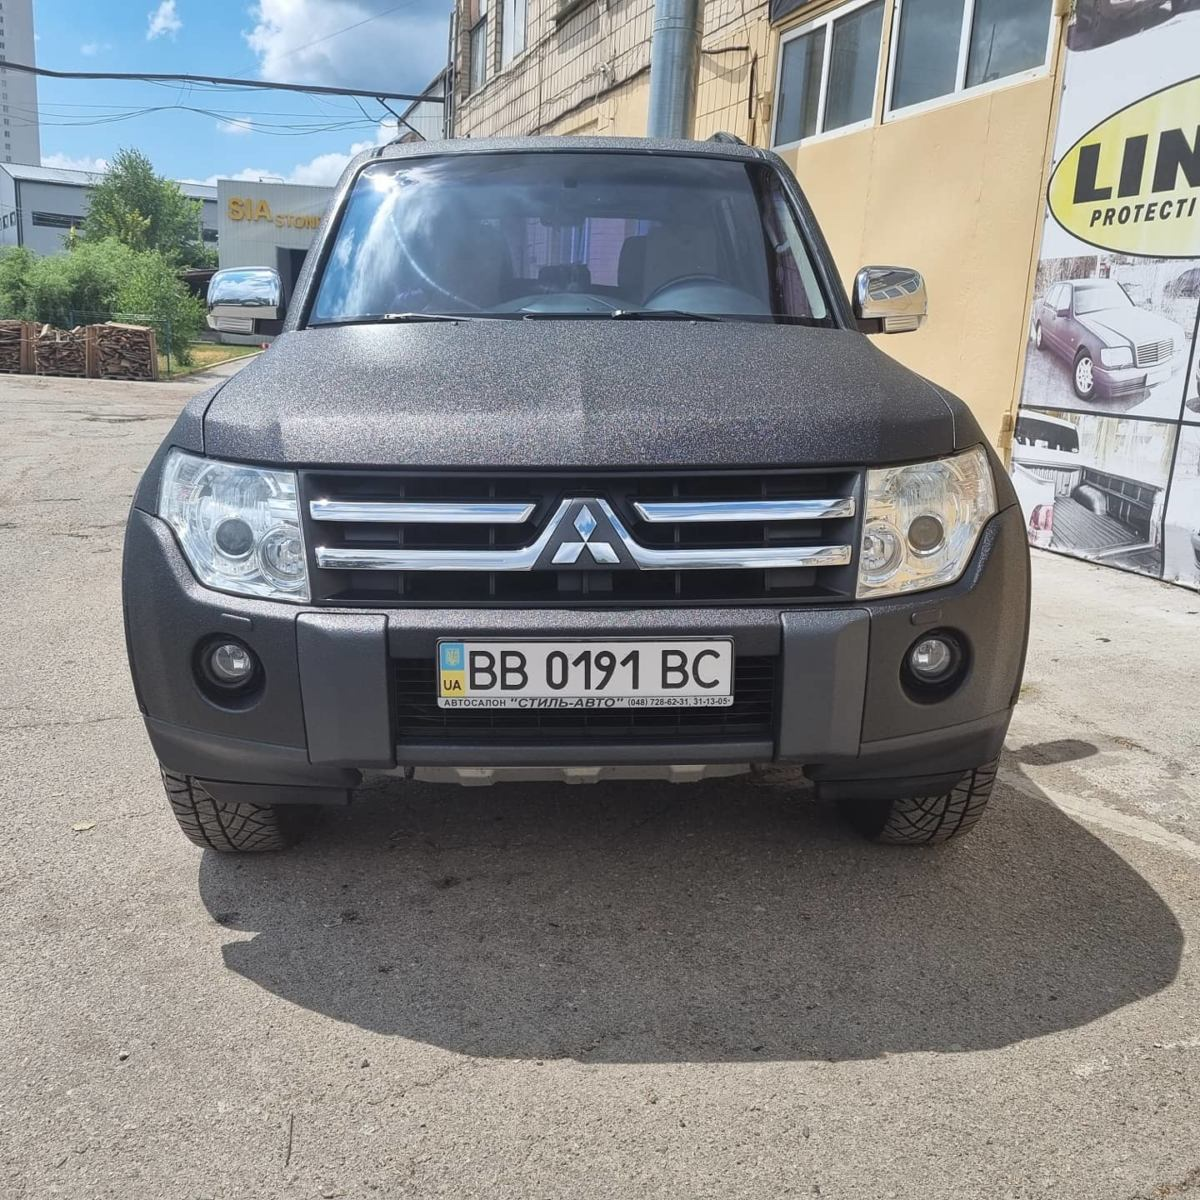 Защита кузова Mitsubishi Pajero Wagon от повреждений и ржавчины полимерным покрытием Line-X